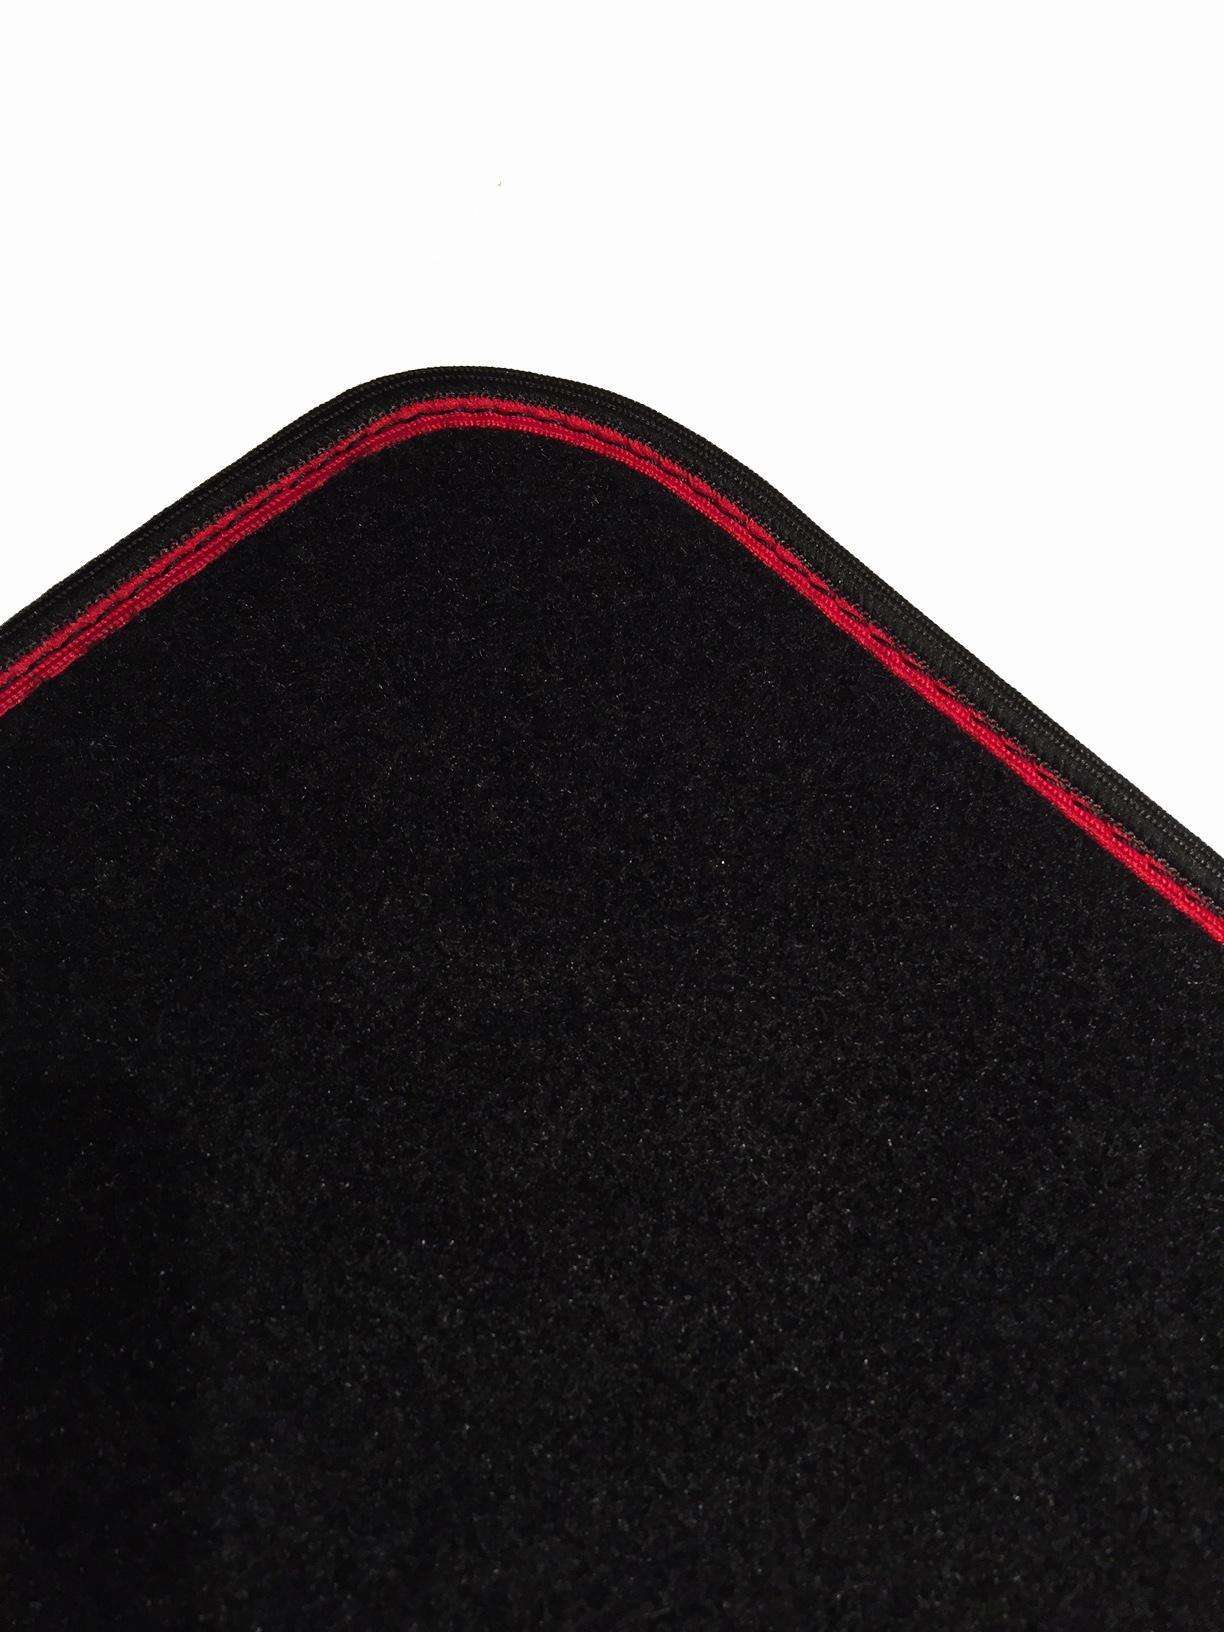 01765761 Vloermatset DBS - Voordelige producten van merken.